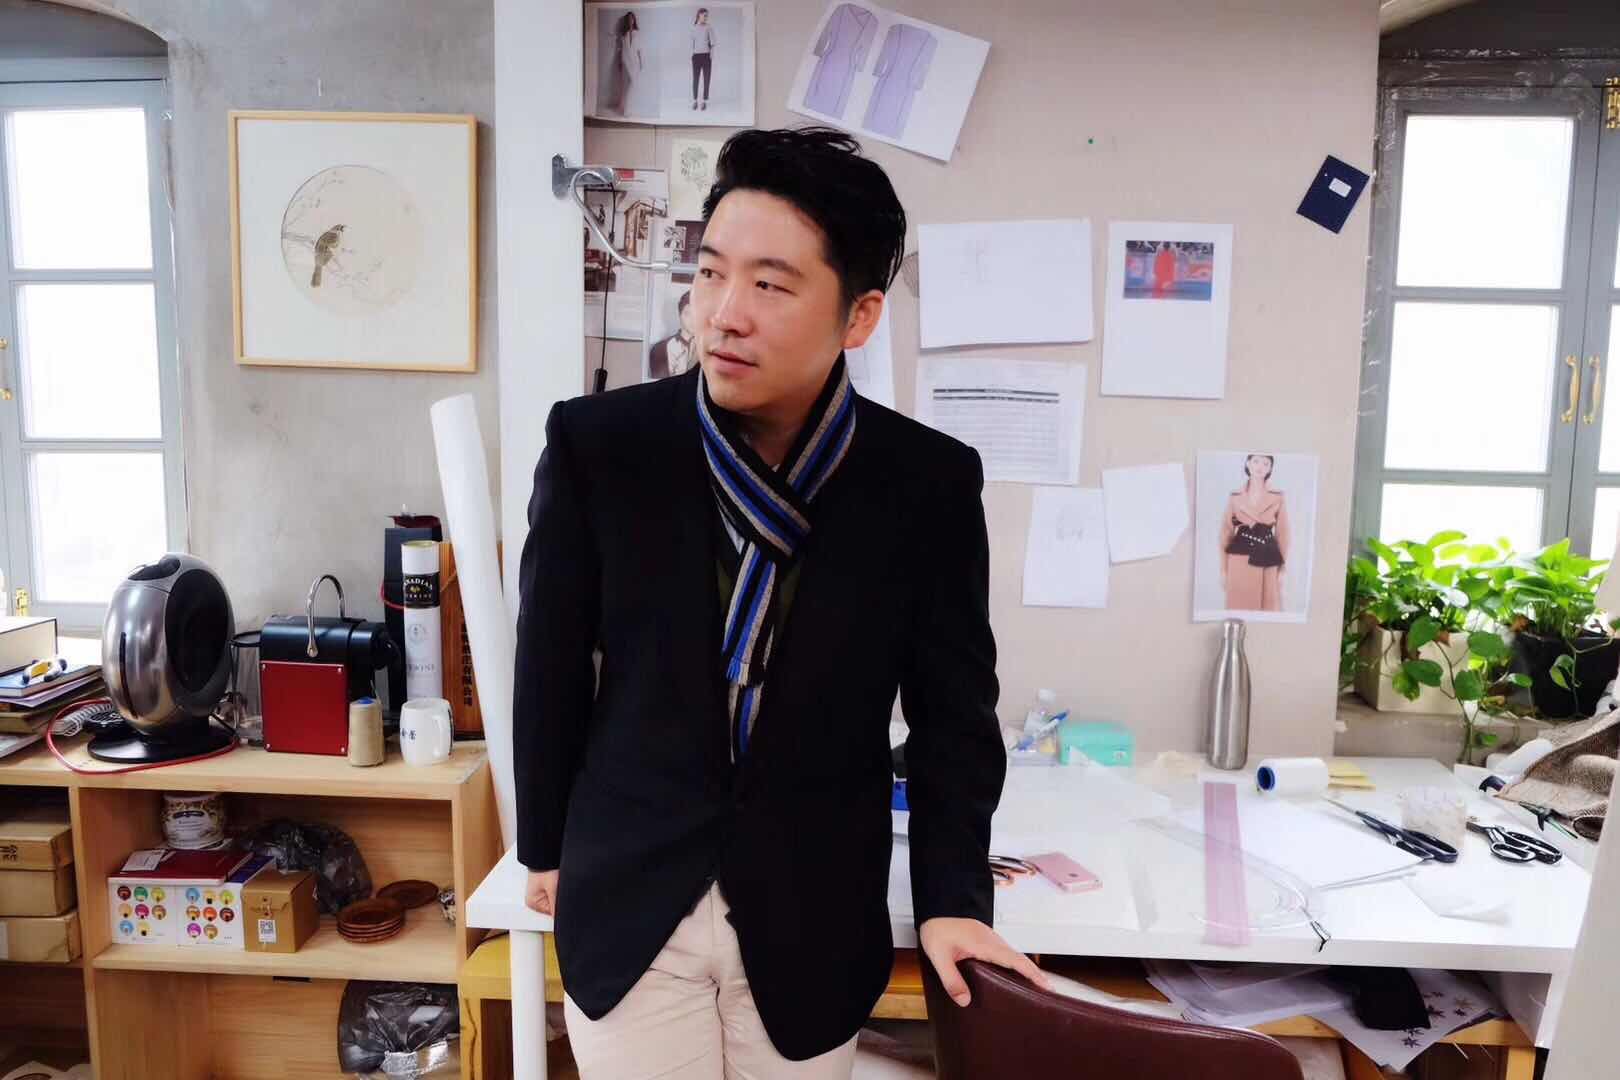 首发   中国设计品牌彼伏获启赋资本千万级投资,《华丽志》独家专访品牌创始人陈兴及投资人常欣